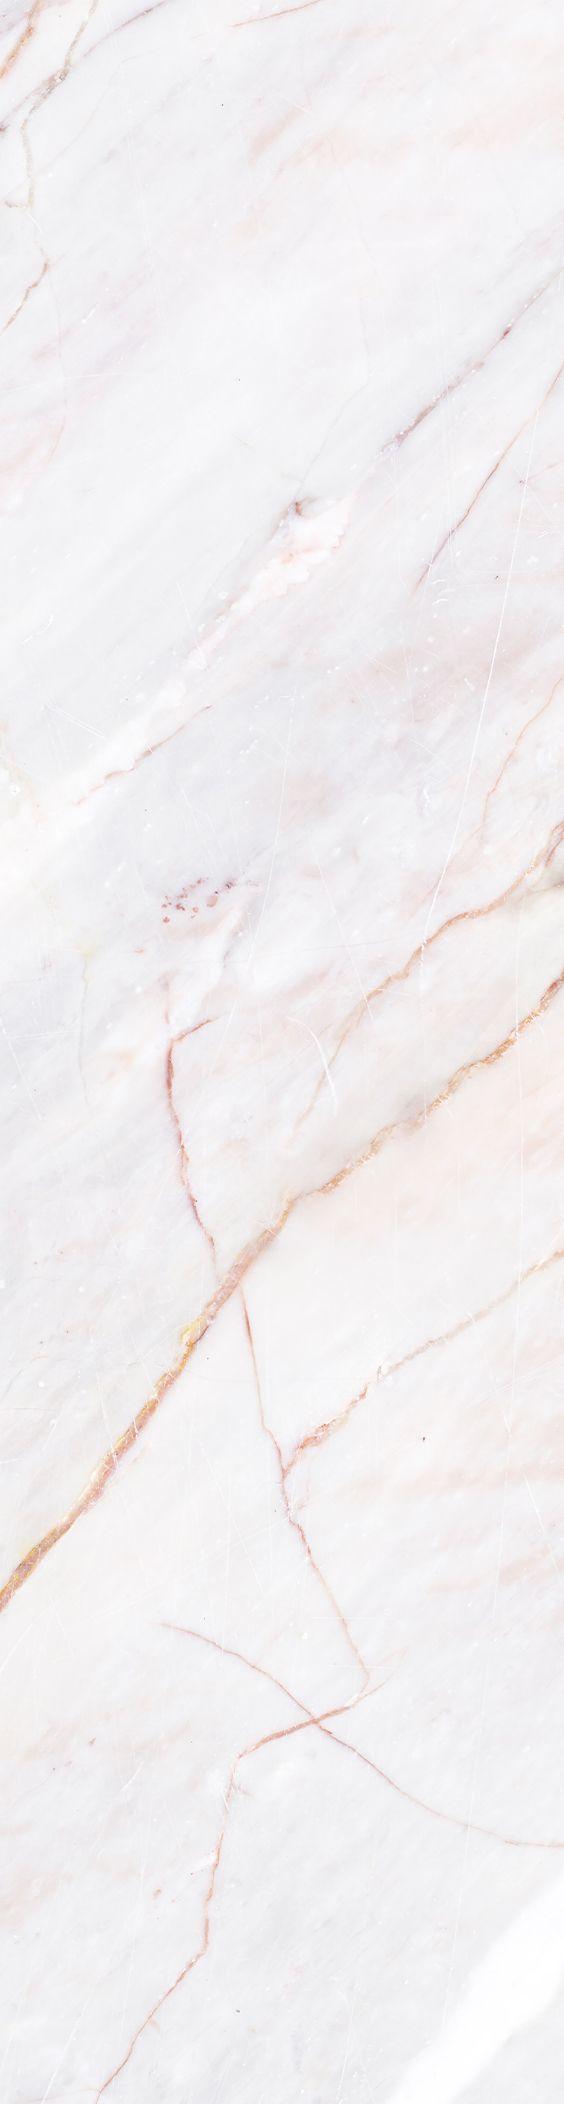 Gerissenes natürliches Marmor Fototapete